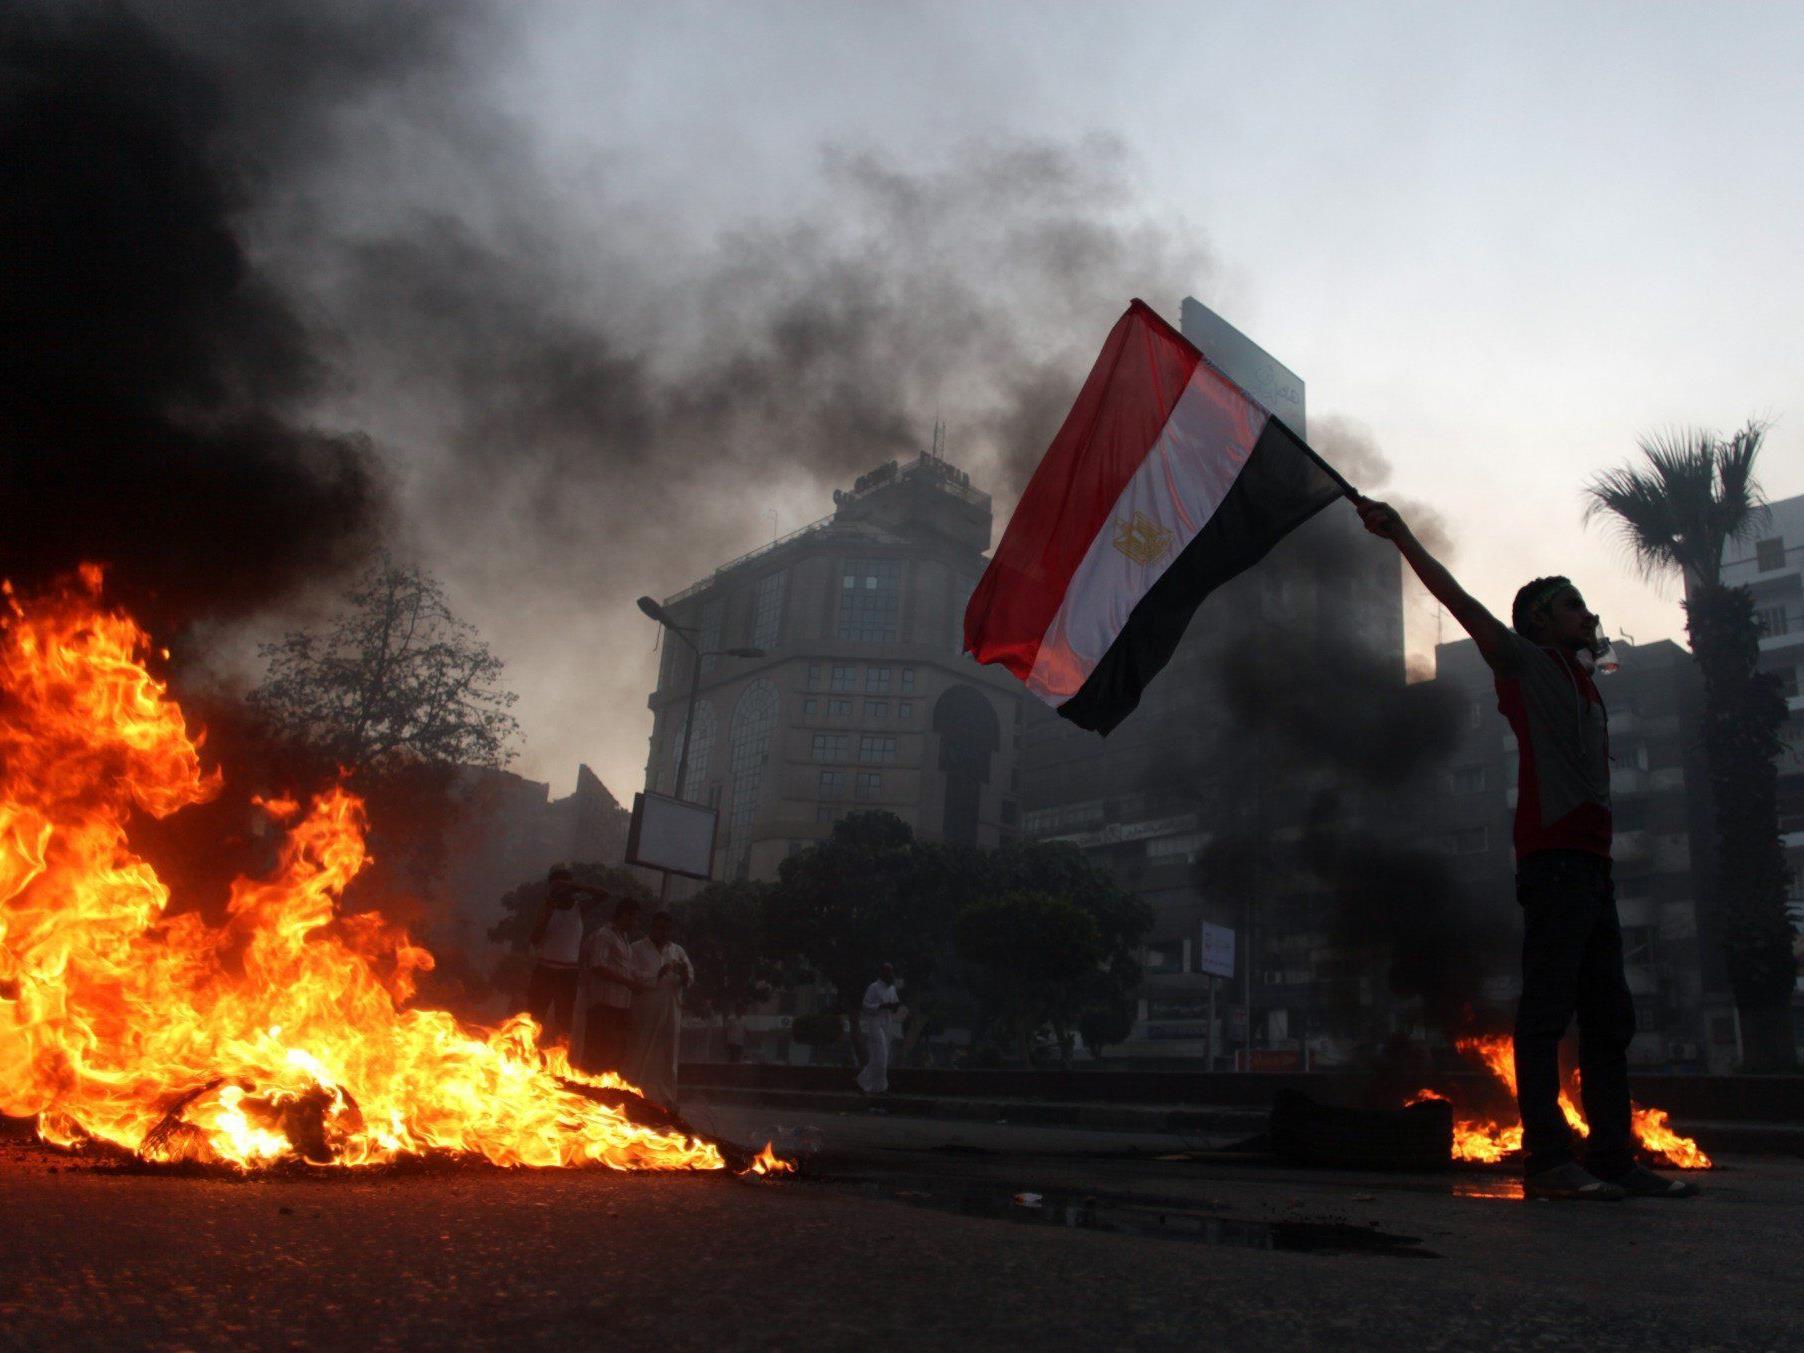 Autobombe explodierte, als Konvoi mit Mohammed Ibrahim vorbeifuhr